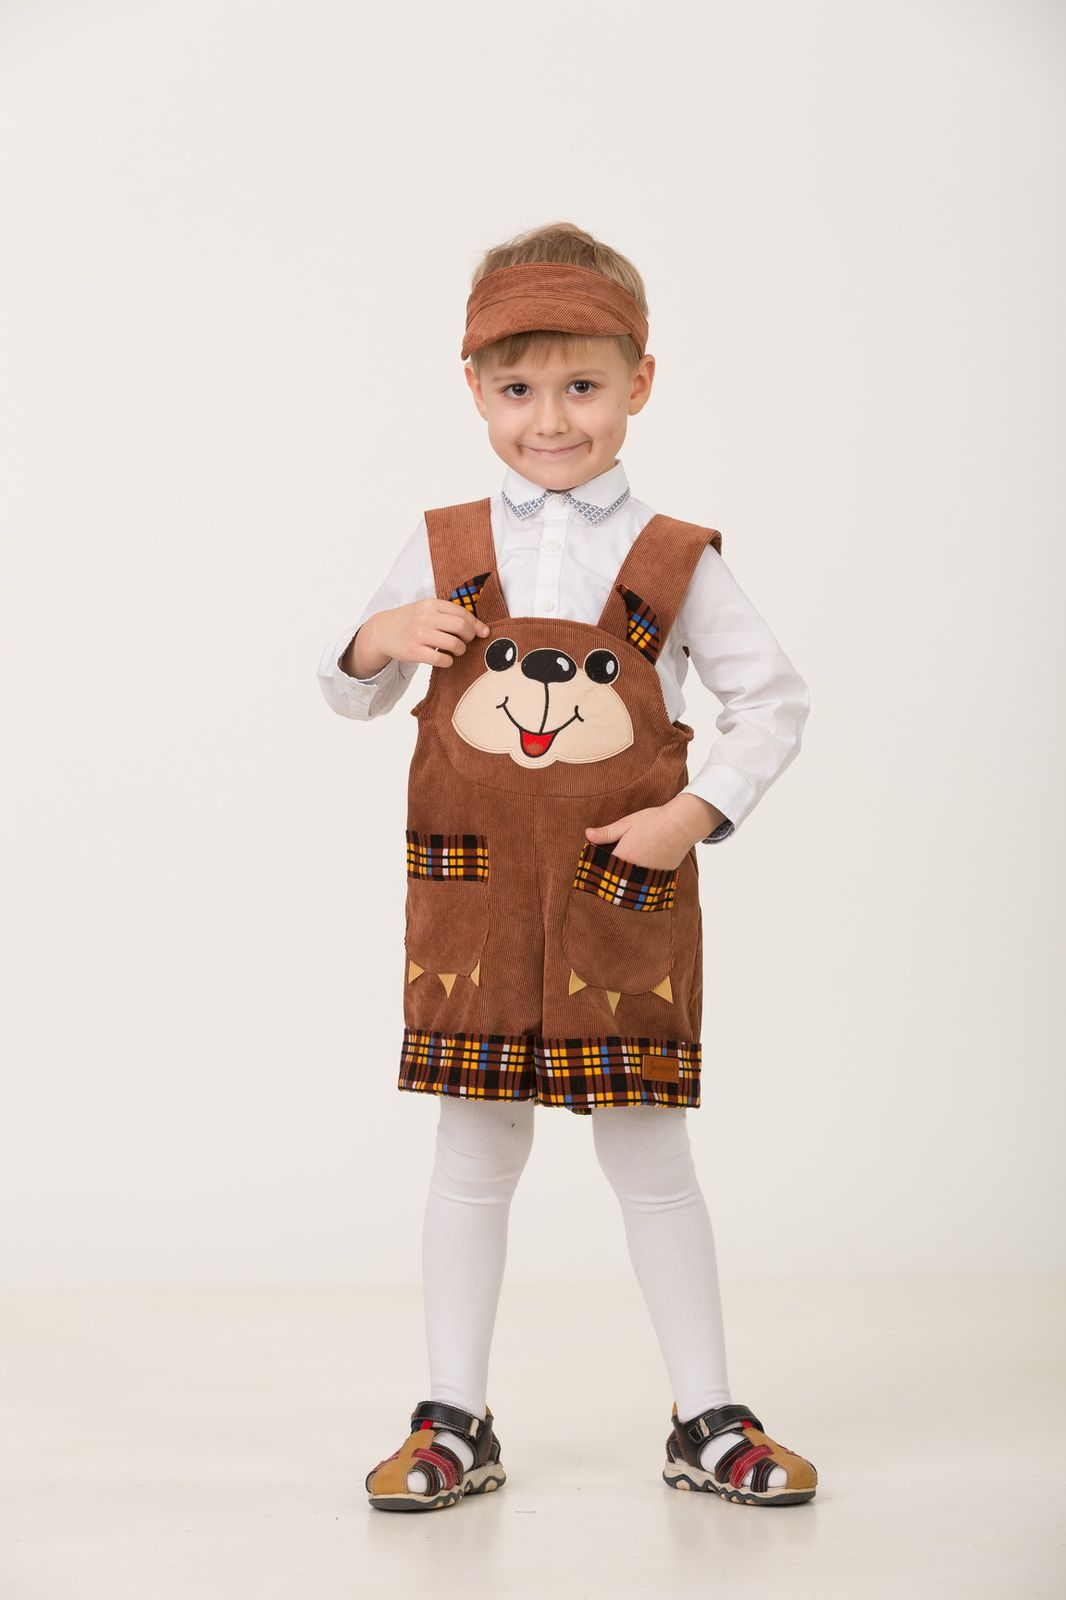 Карнавальный костюм Jeanees Медвежонок Топтыжкин, цвет: коричневый. Размер: 30 карнавальный костюм jeanees медвежонок топтыжкин цвет коричневый размер 28